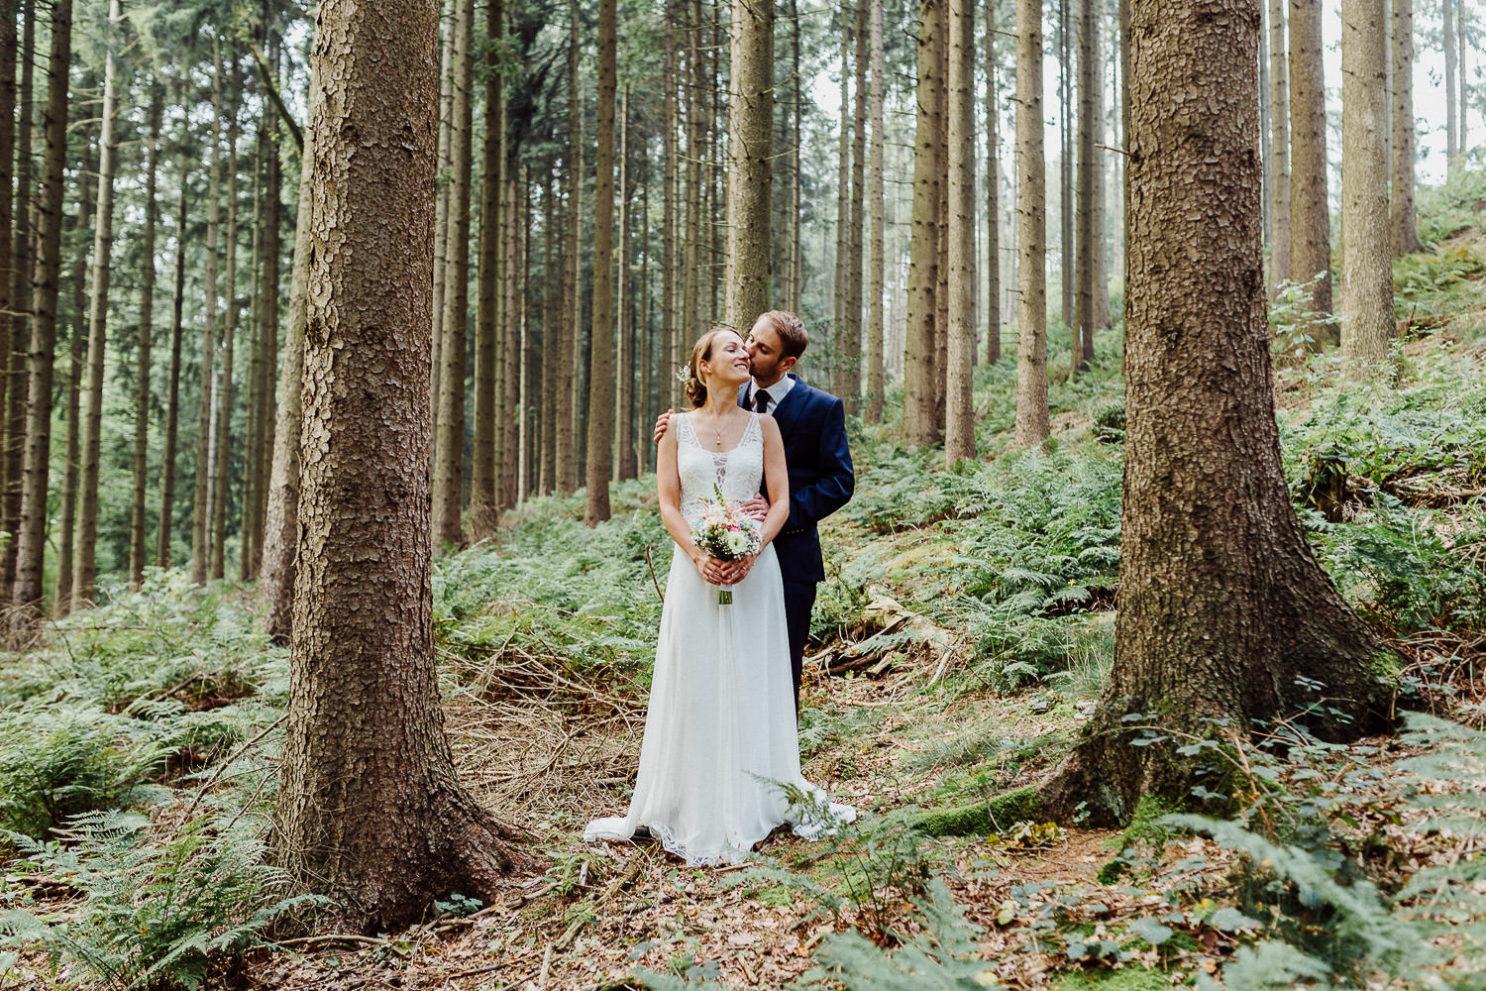 Bräutigam küßt Braut bei Hochzeitsshooting im Wald